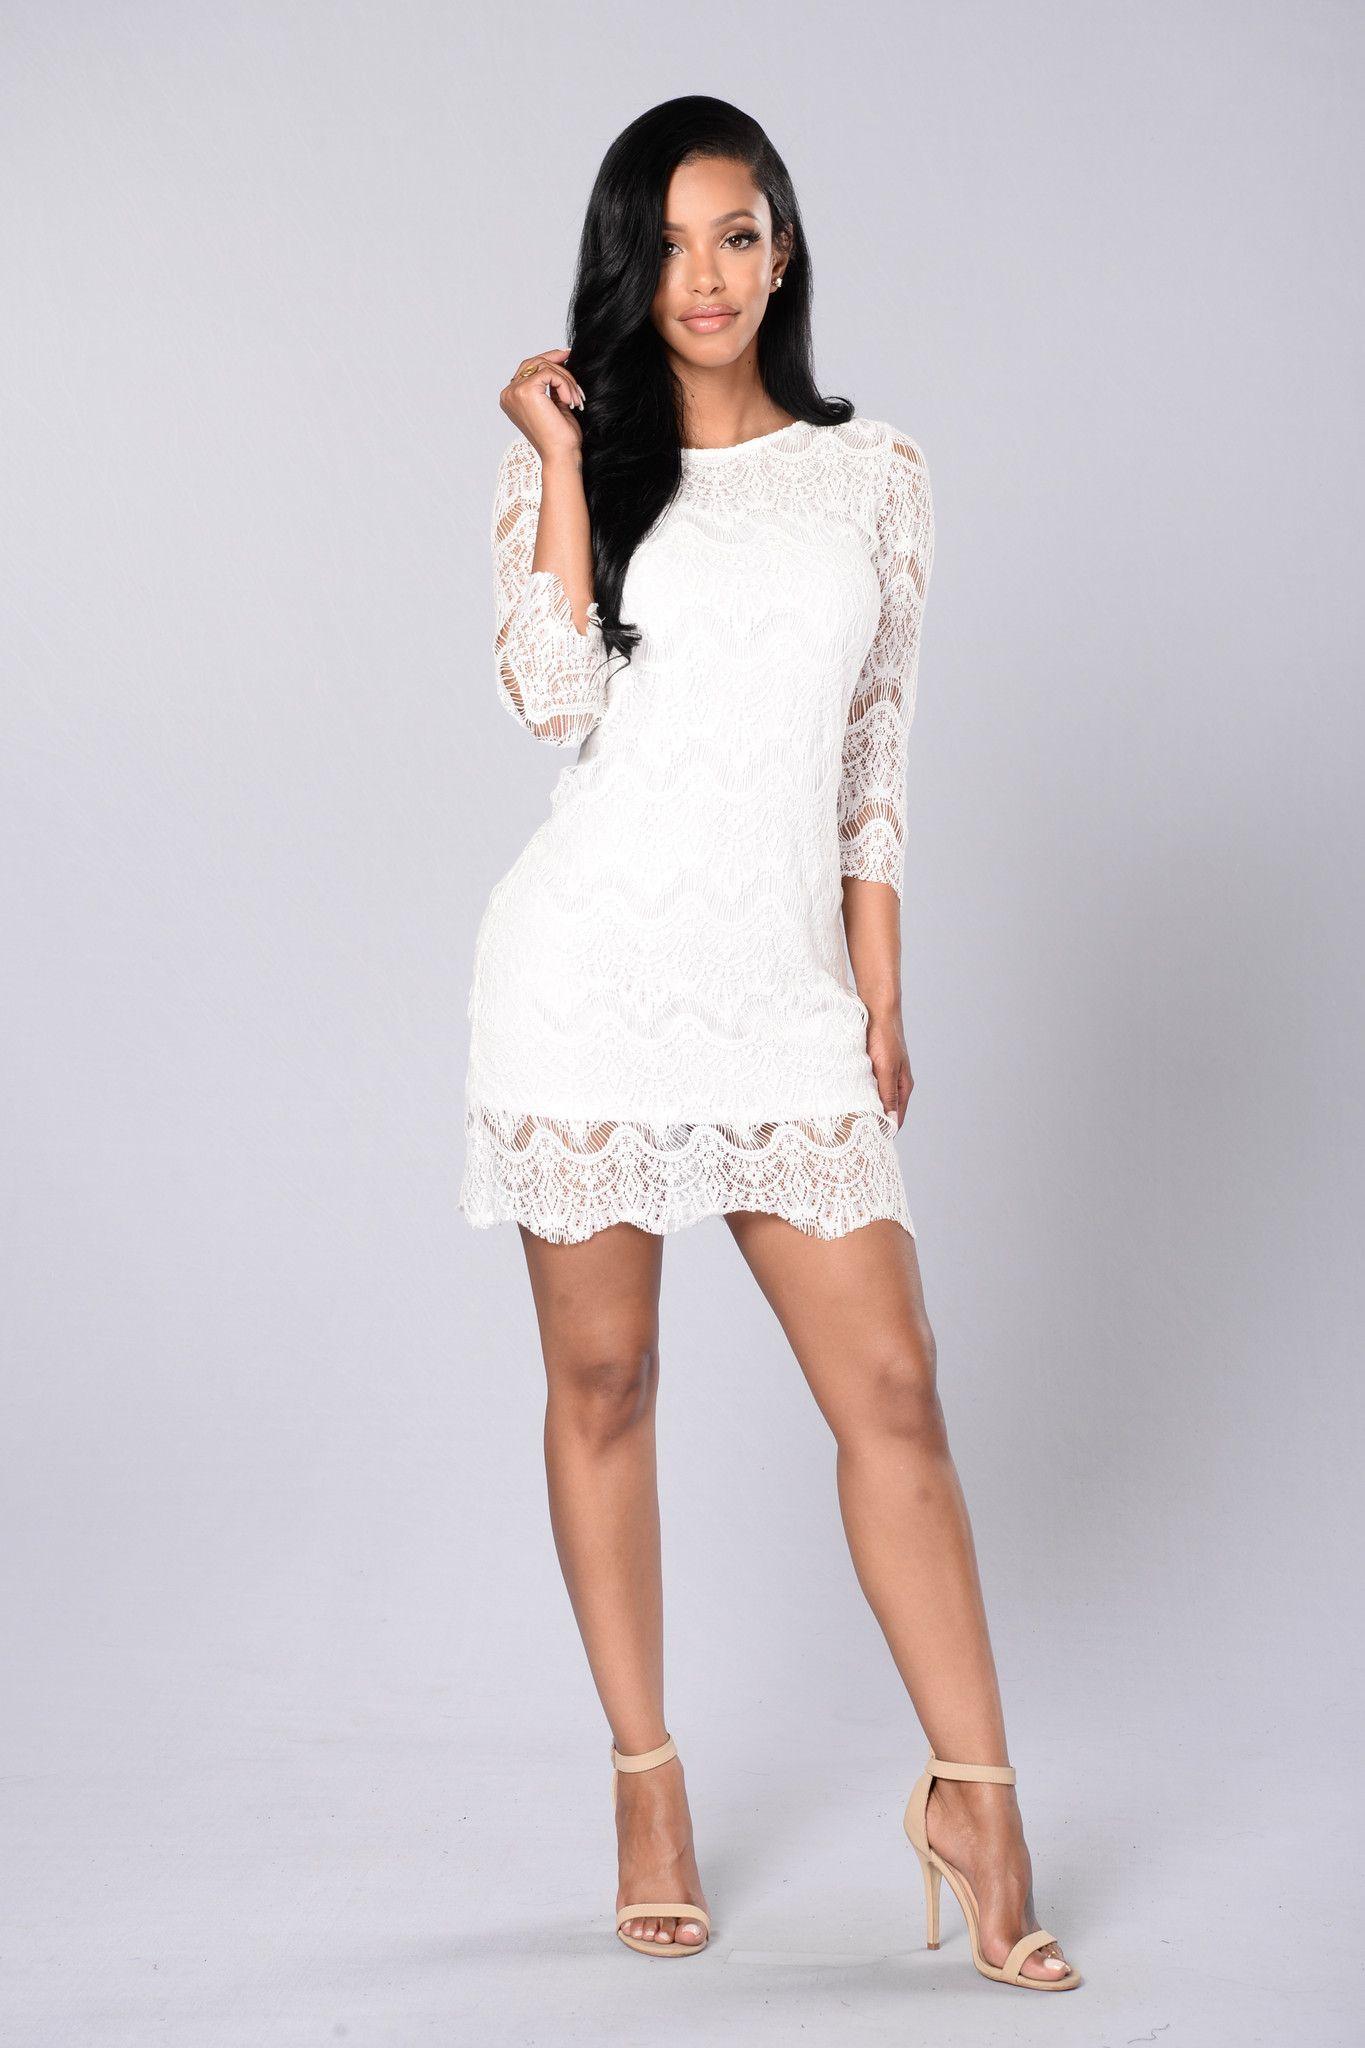 Flirt Dress - White | Schöne kleine mädchen, Kleine mädchen und Mädchen